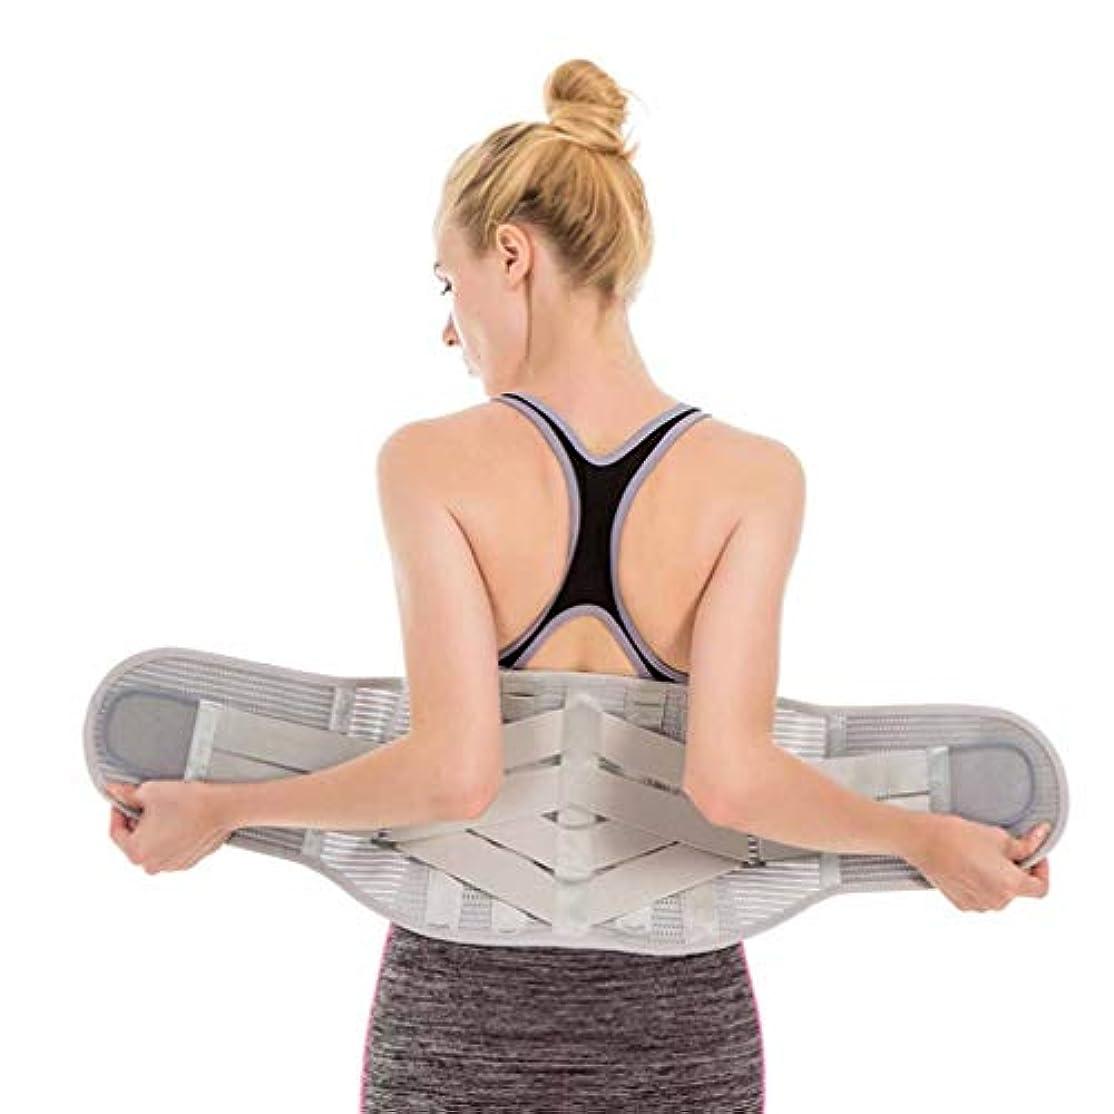 夢対タール保温性のある腰部調節可能なサポートバックベルトブレースの痛みを軽減するセルフヒート-Rustle666